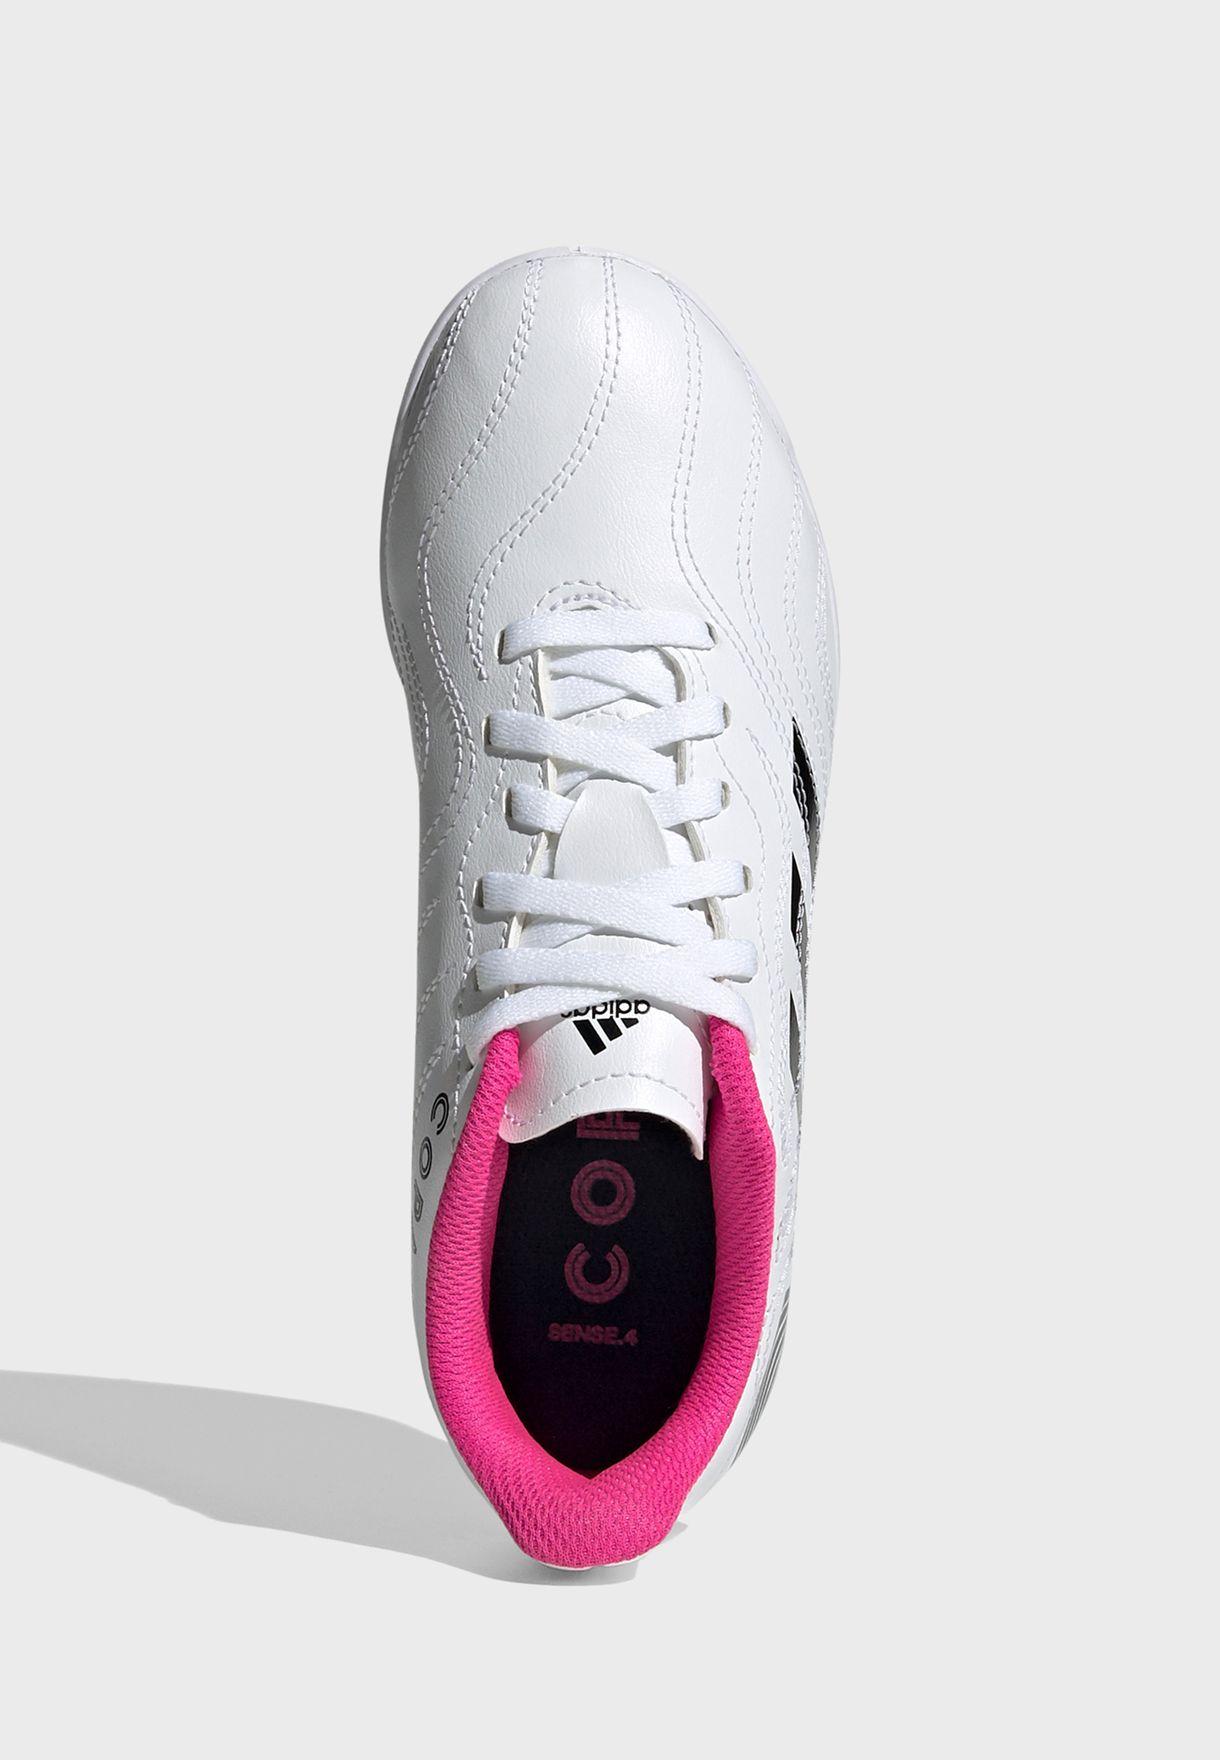 حذاء كوبا سنس.4 للملاعب الداخلية